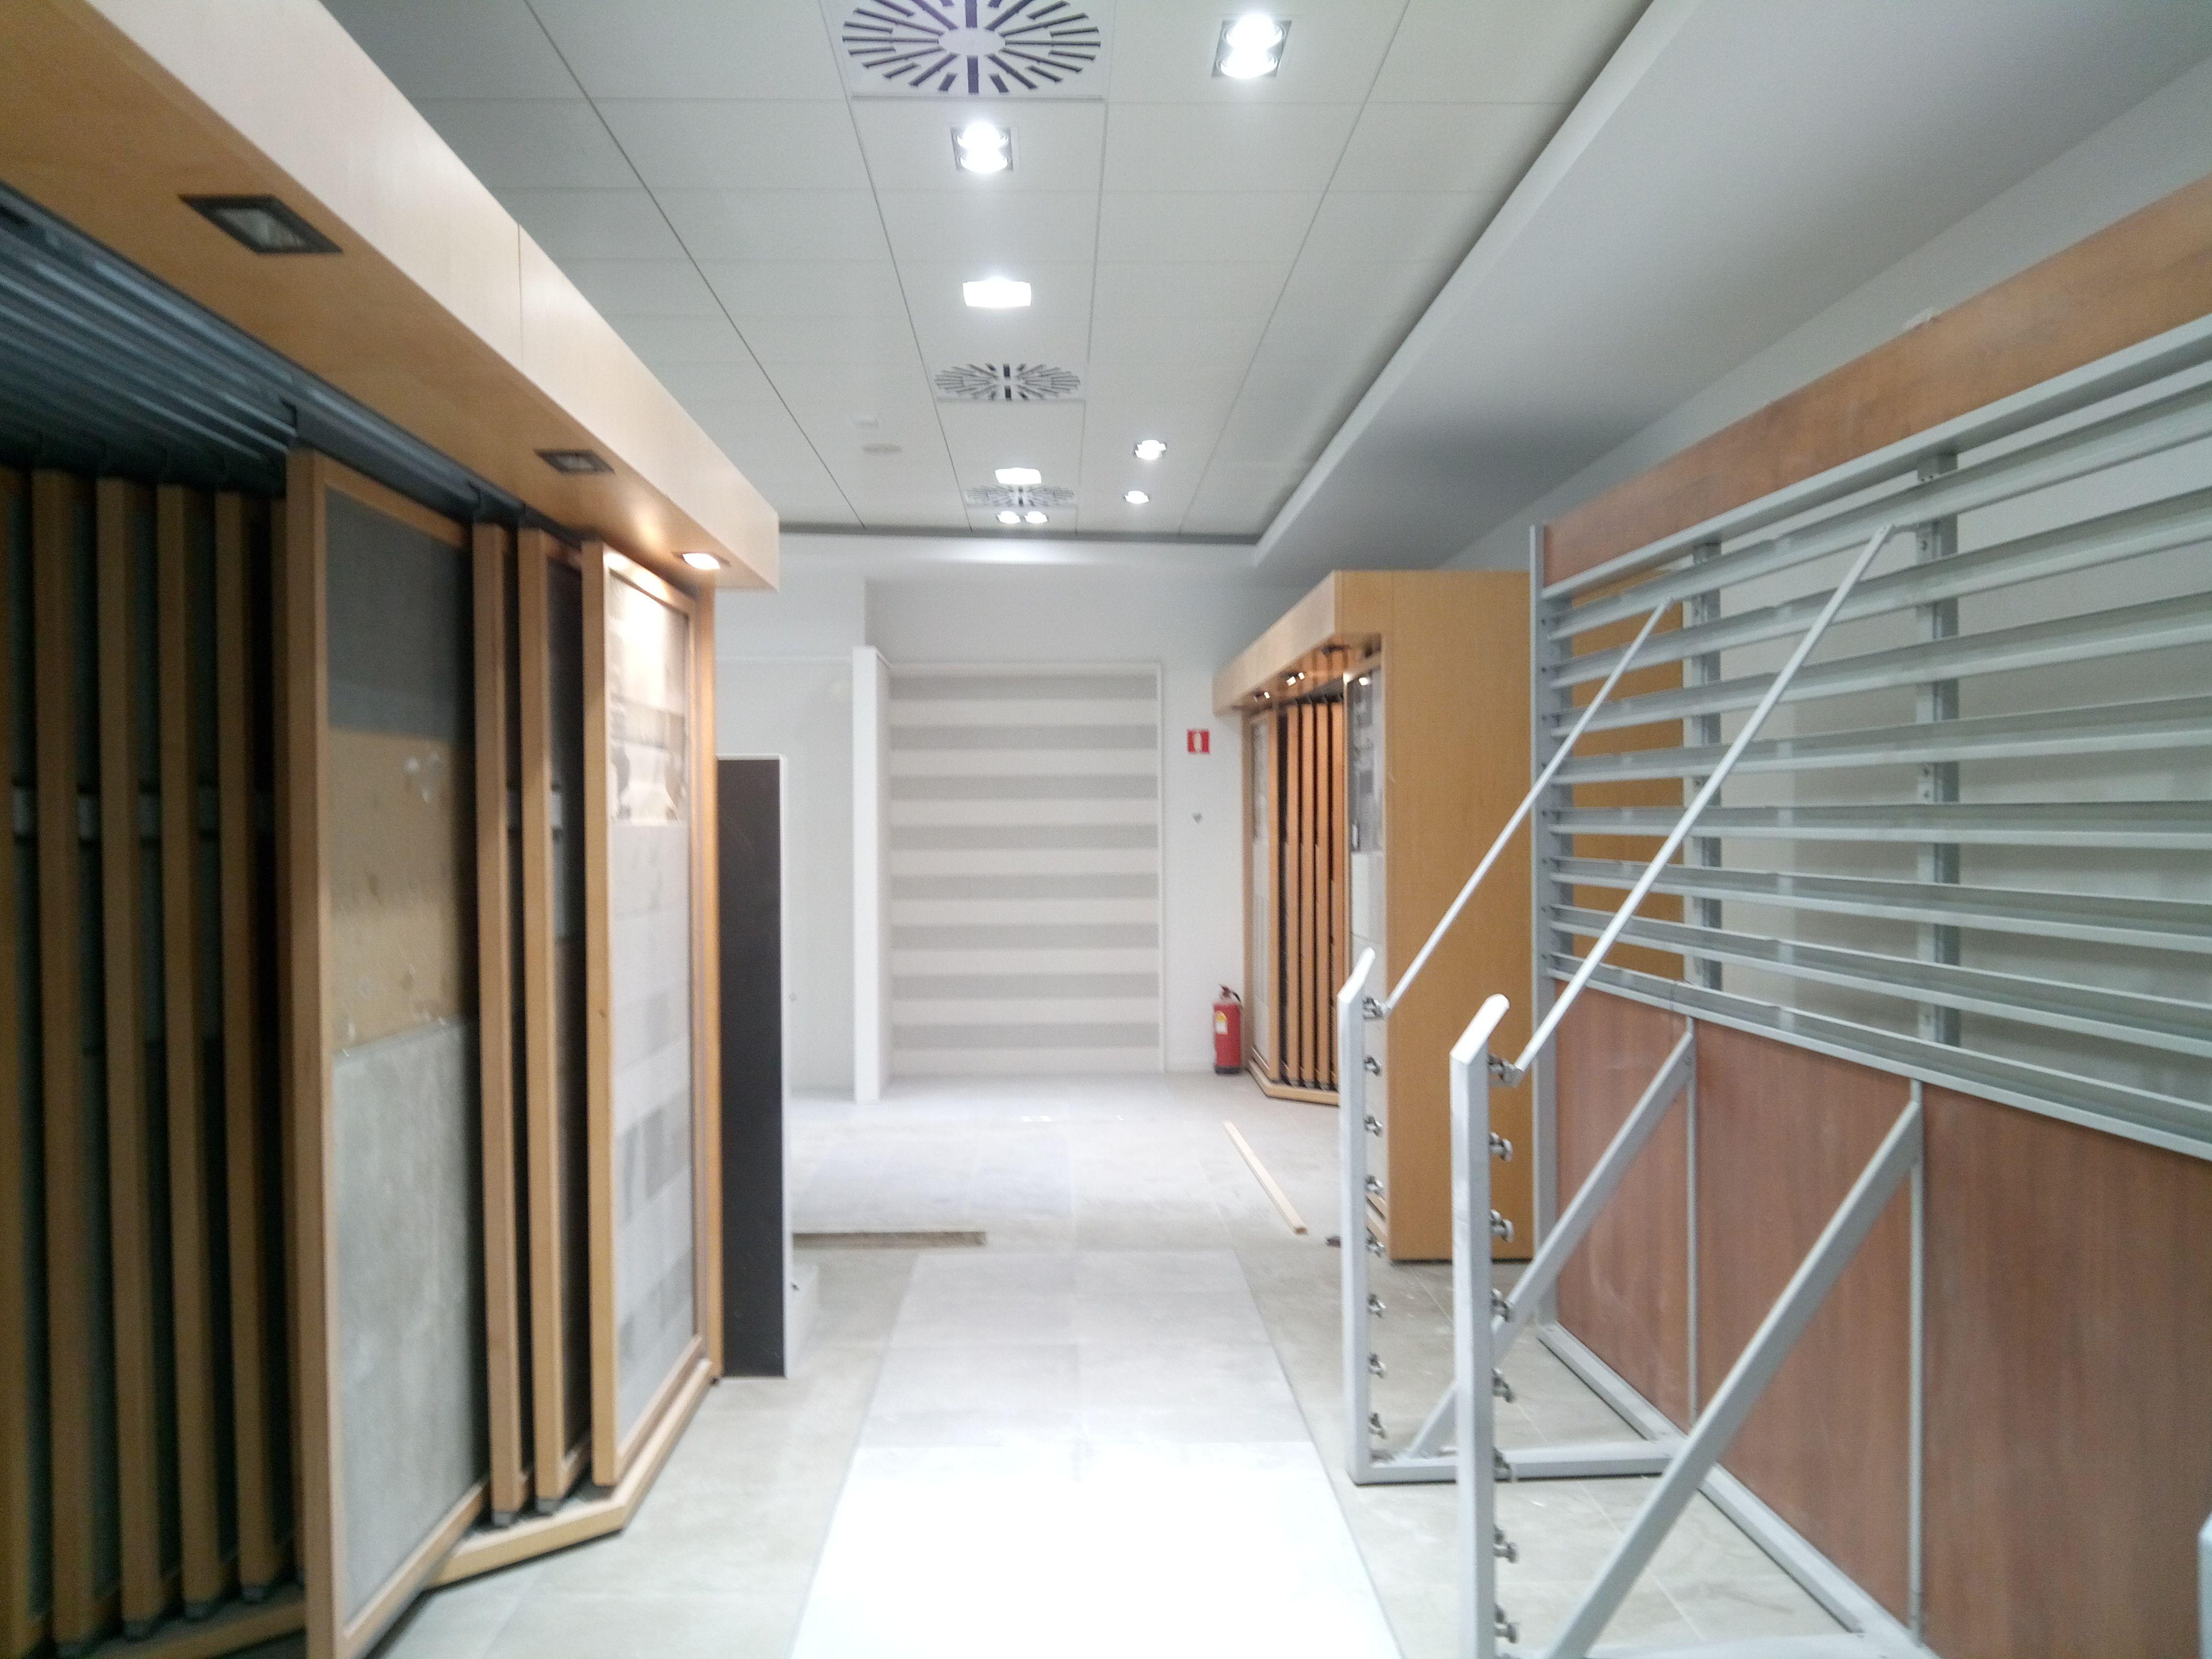 Foto 53 de Aislamientos acústicos y térmicos en Almería | Acoustic Drywall